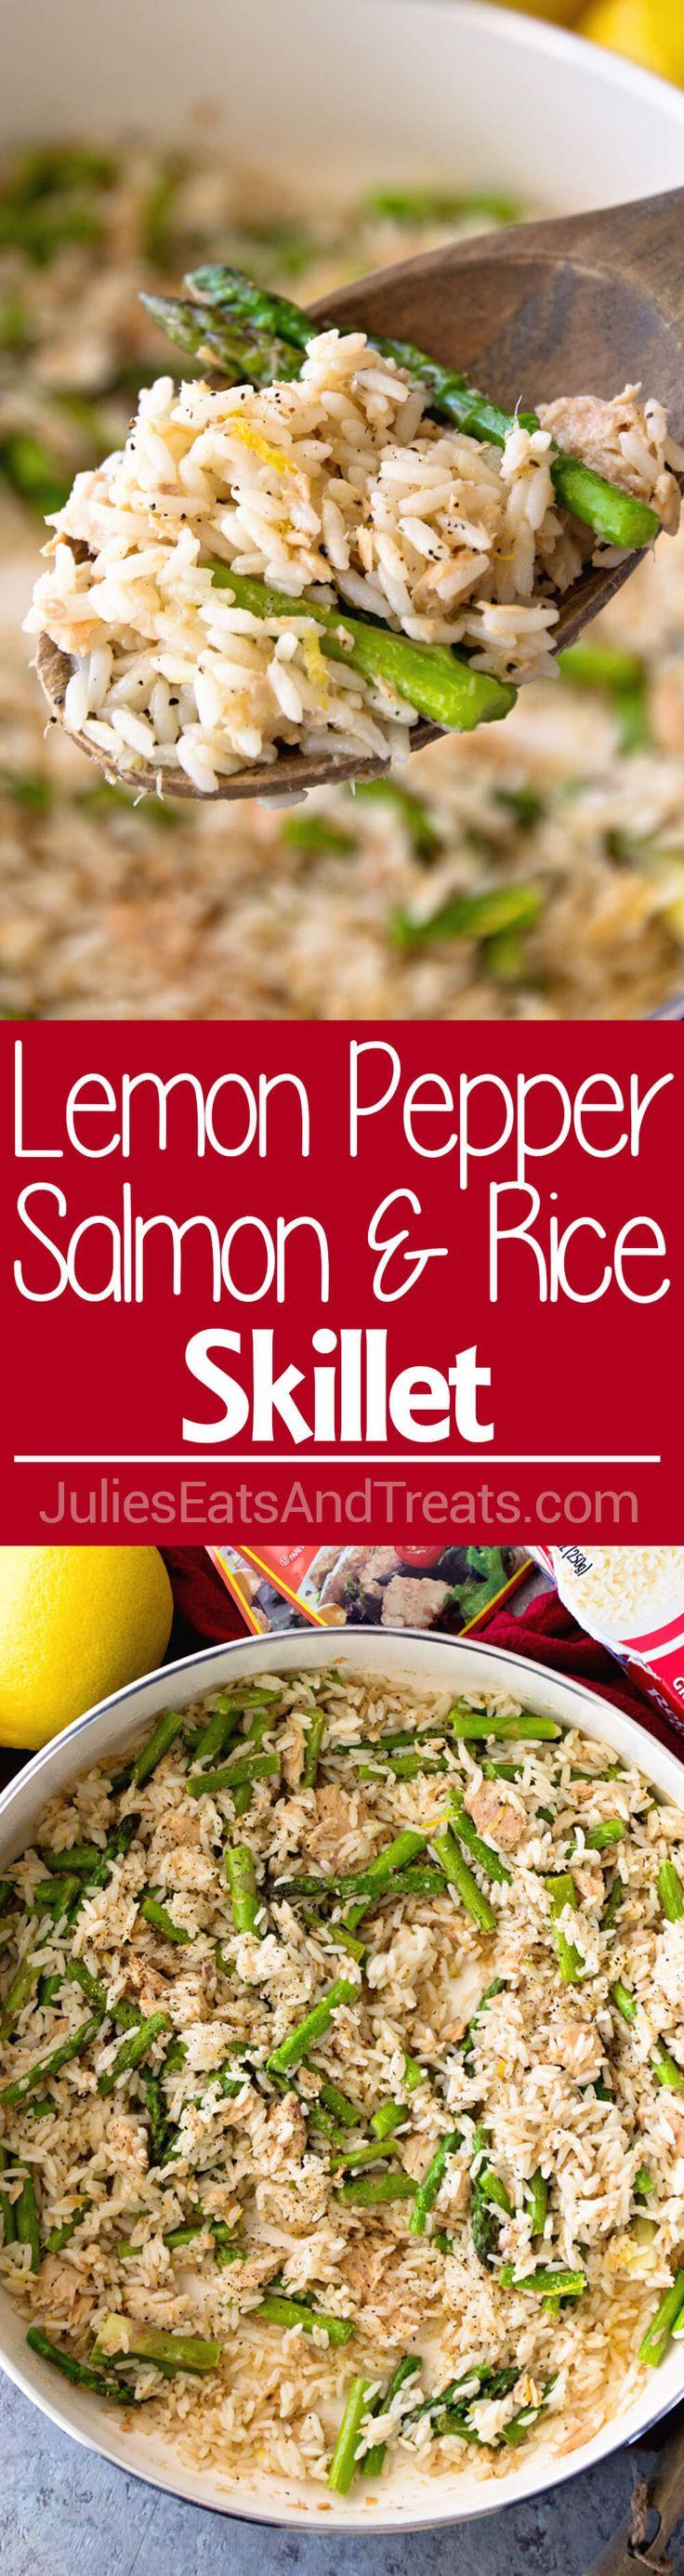 Lemon Pepper Salmon & Rice Skillet